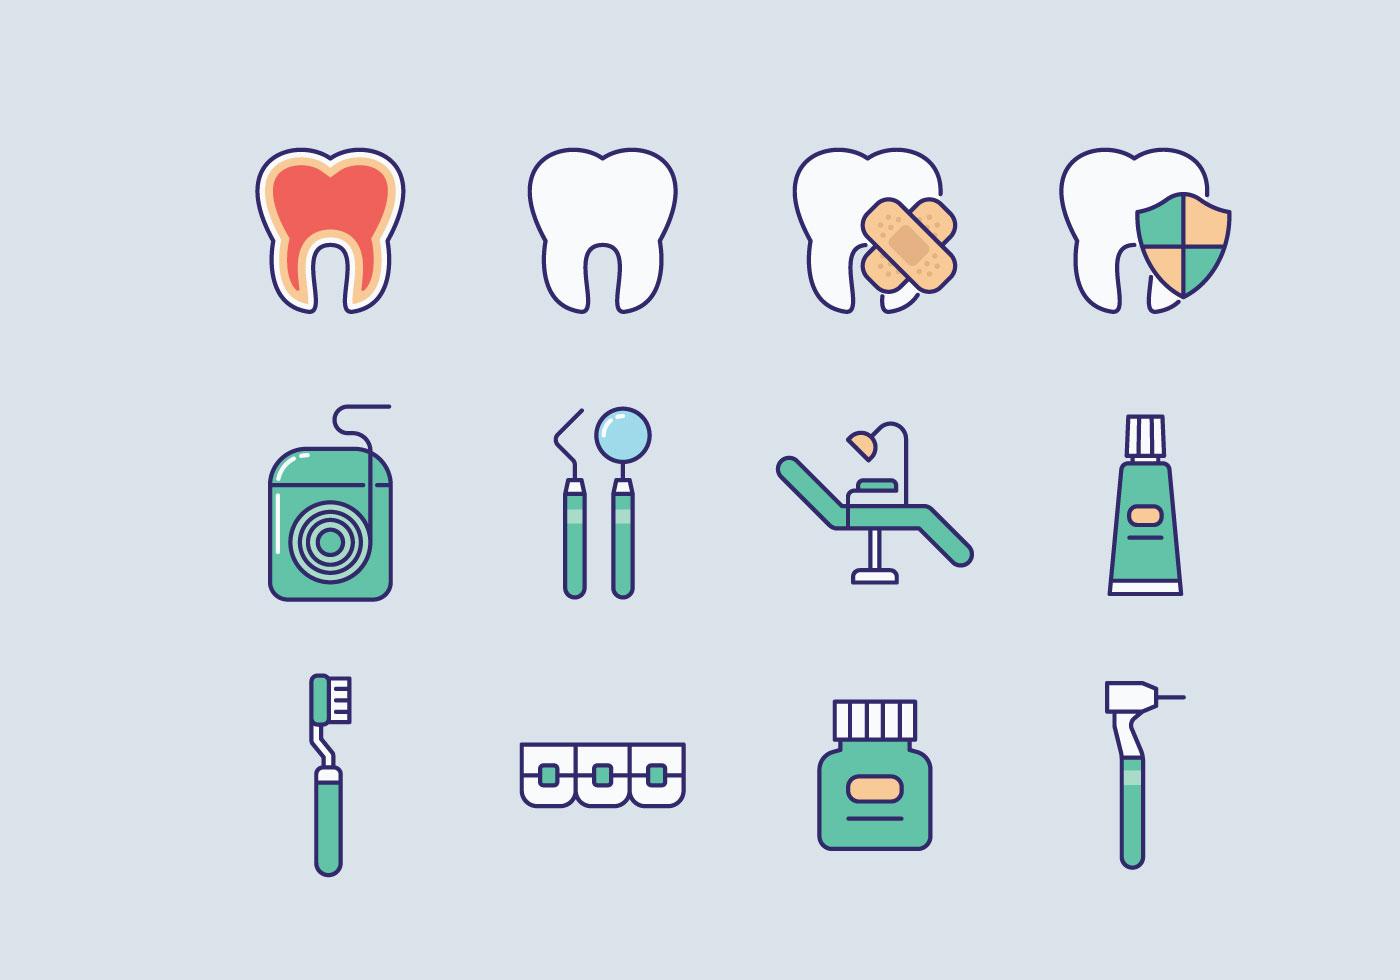 несколько картинки для инстаграма стоматология округлые